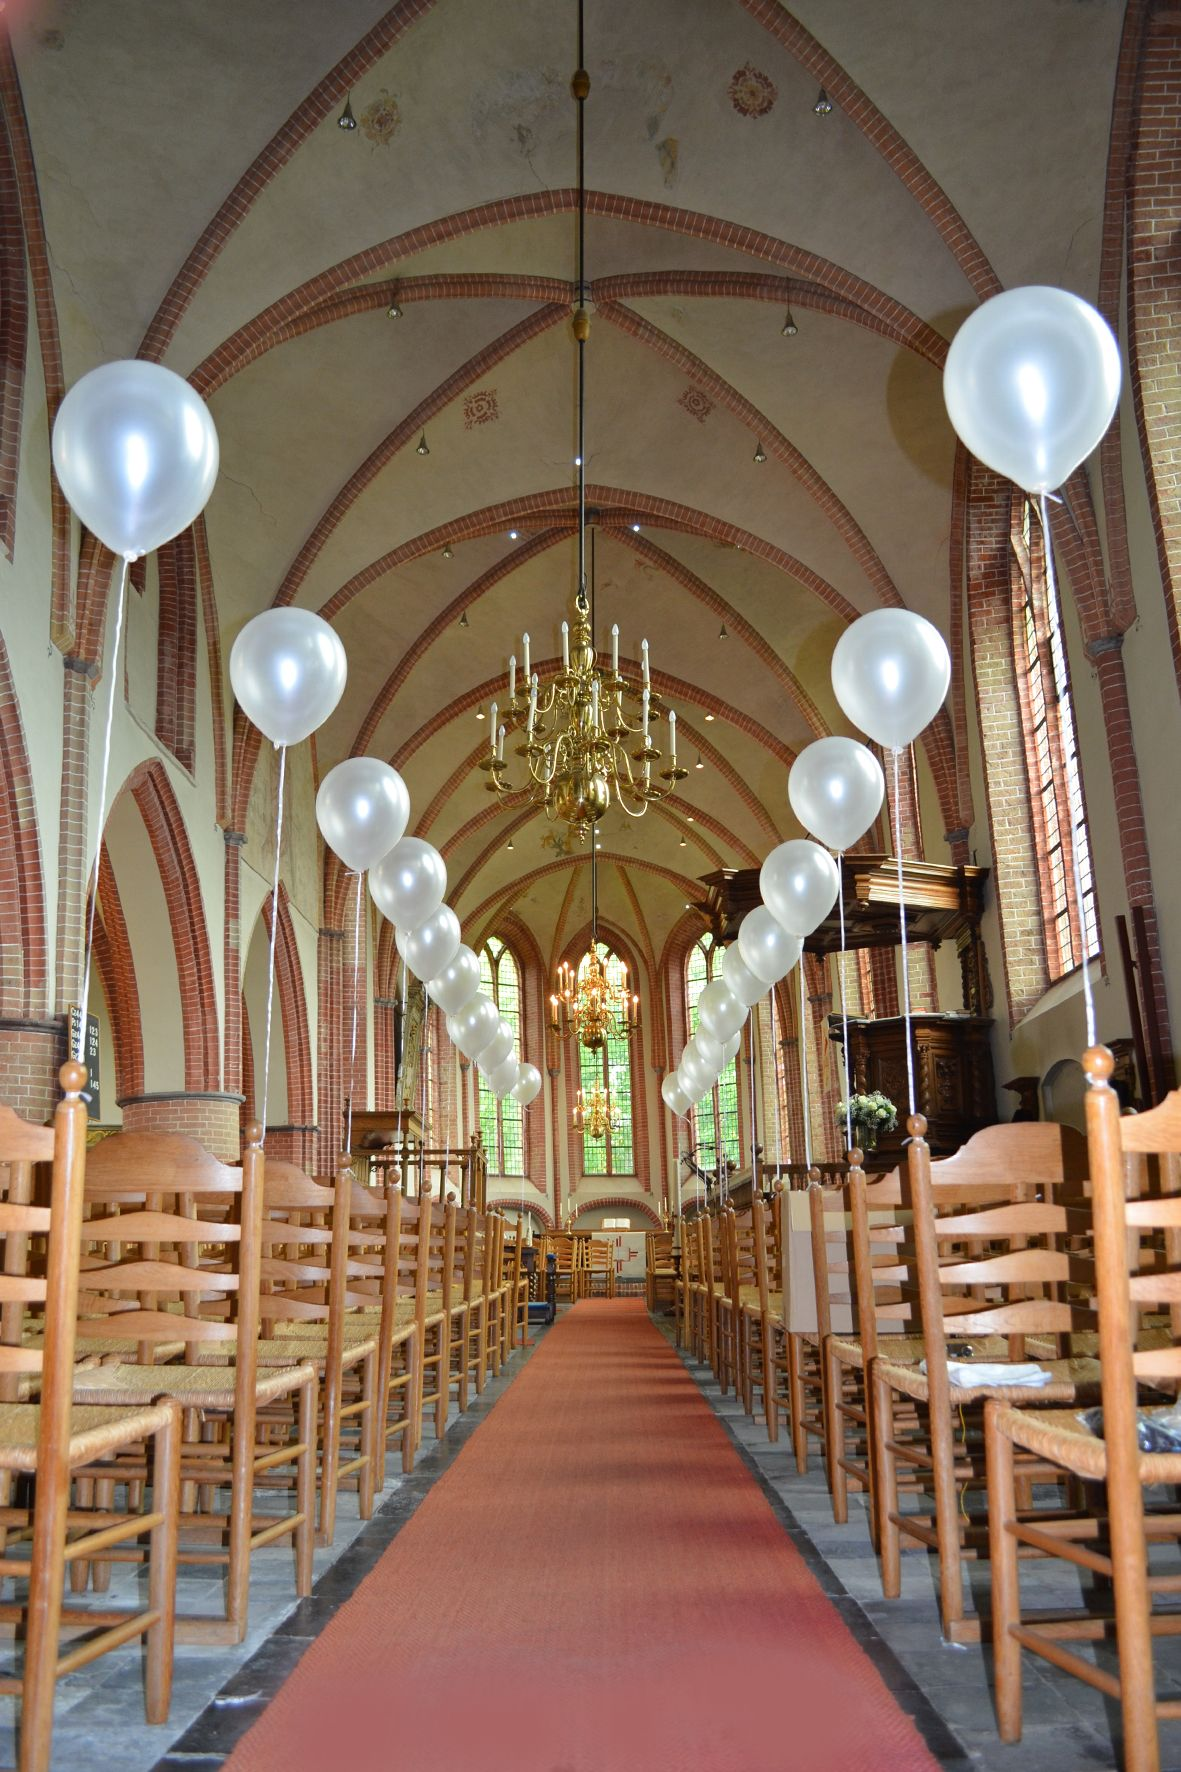 Wedding Bells Een Kerk Saai Om In Te Trouwen Niet Als Je De Locatie Mooi Aankleed Met